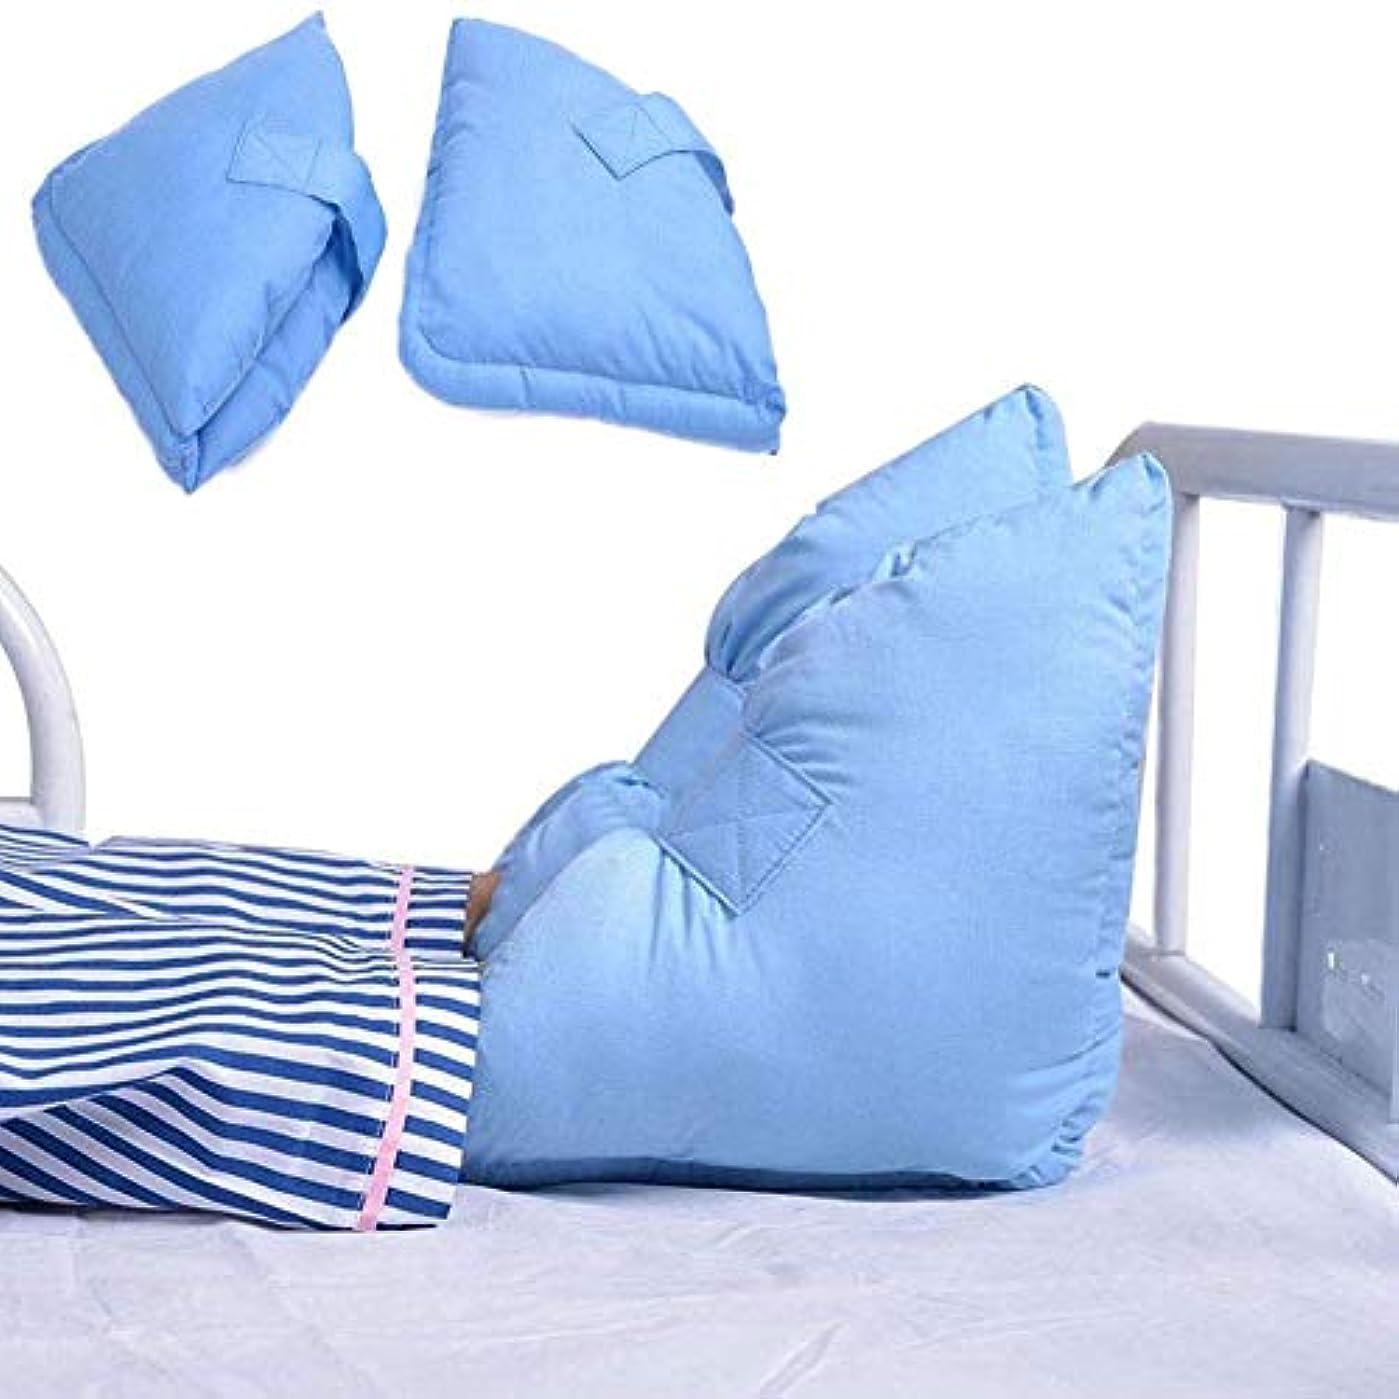 堤防増加する役員1ペア抗褥瘡ヒールプロテクター枕 - 男性と女性のための褥瘡とかかと潰瘍の軽減のための足首保護クッション